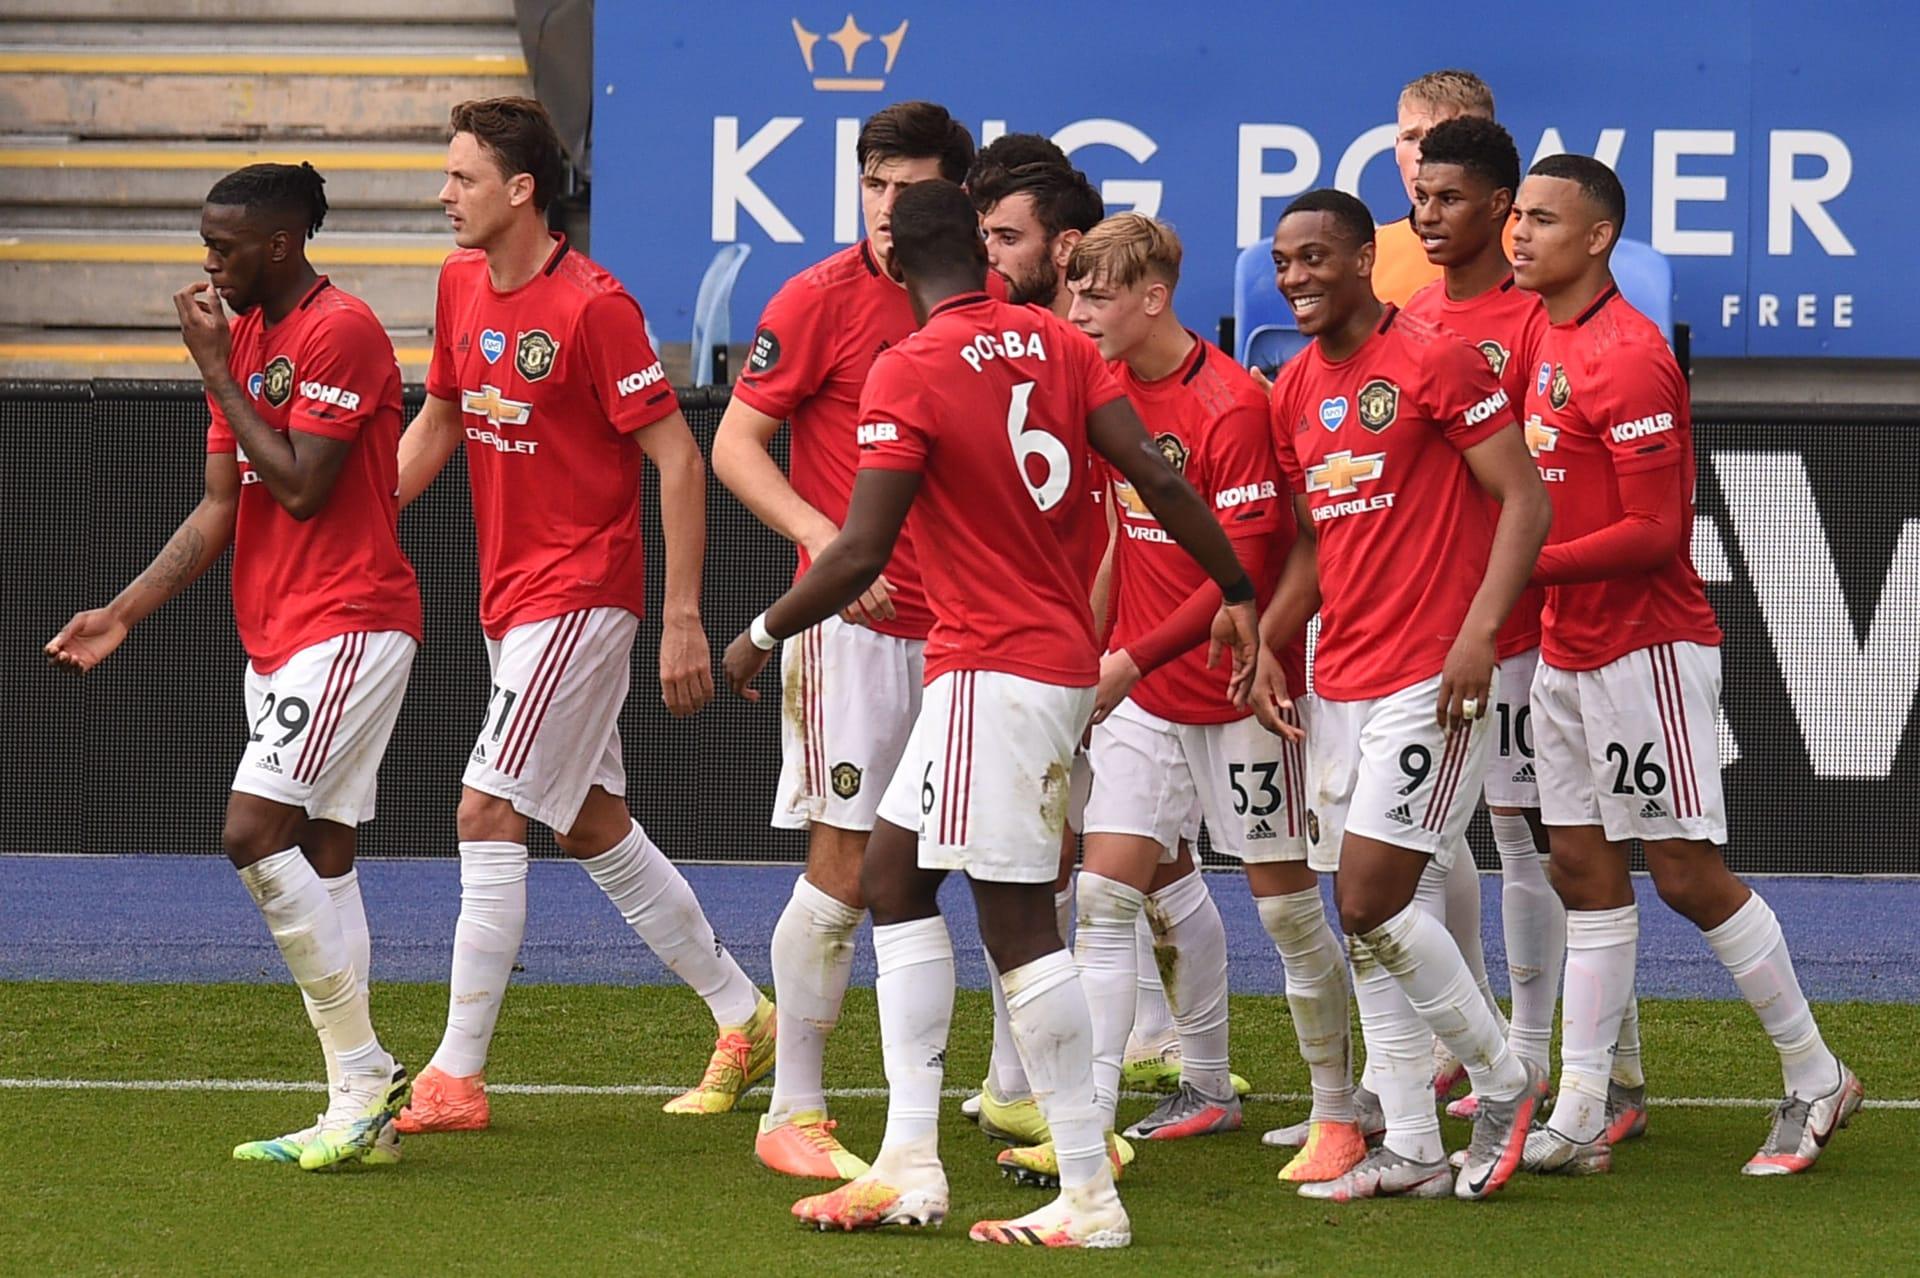 """في اليوم الأخير بـ""""البريميرليج"""".. مانشستر يونايتد وتشيلسي إلى الأبطال وفريق تريزيجيه ينجو"""